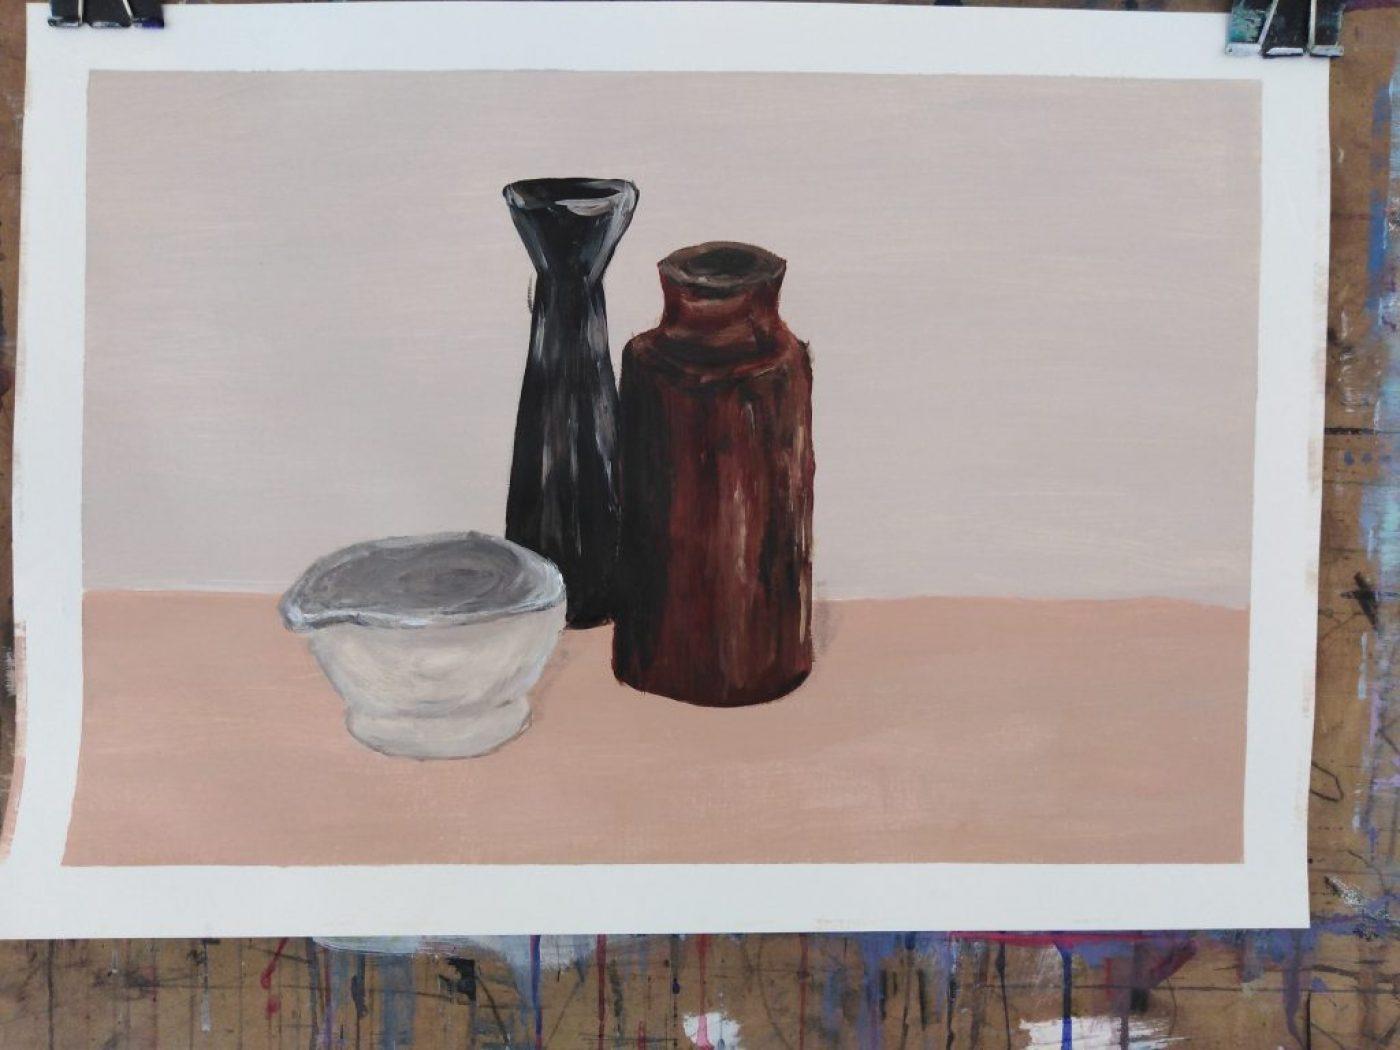 acrylic painting level 1 summer 2020